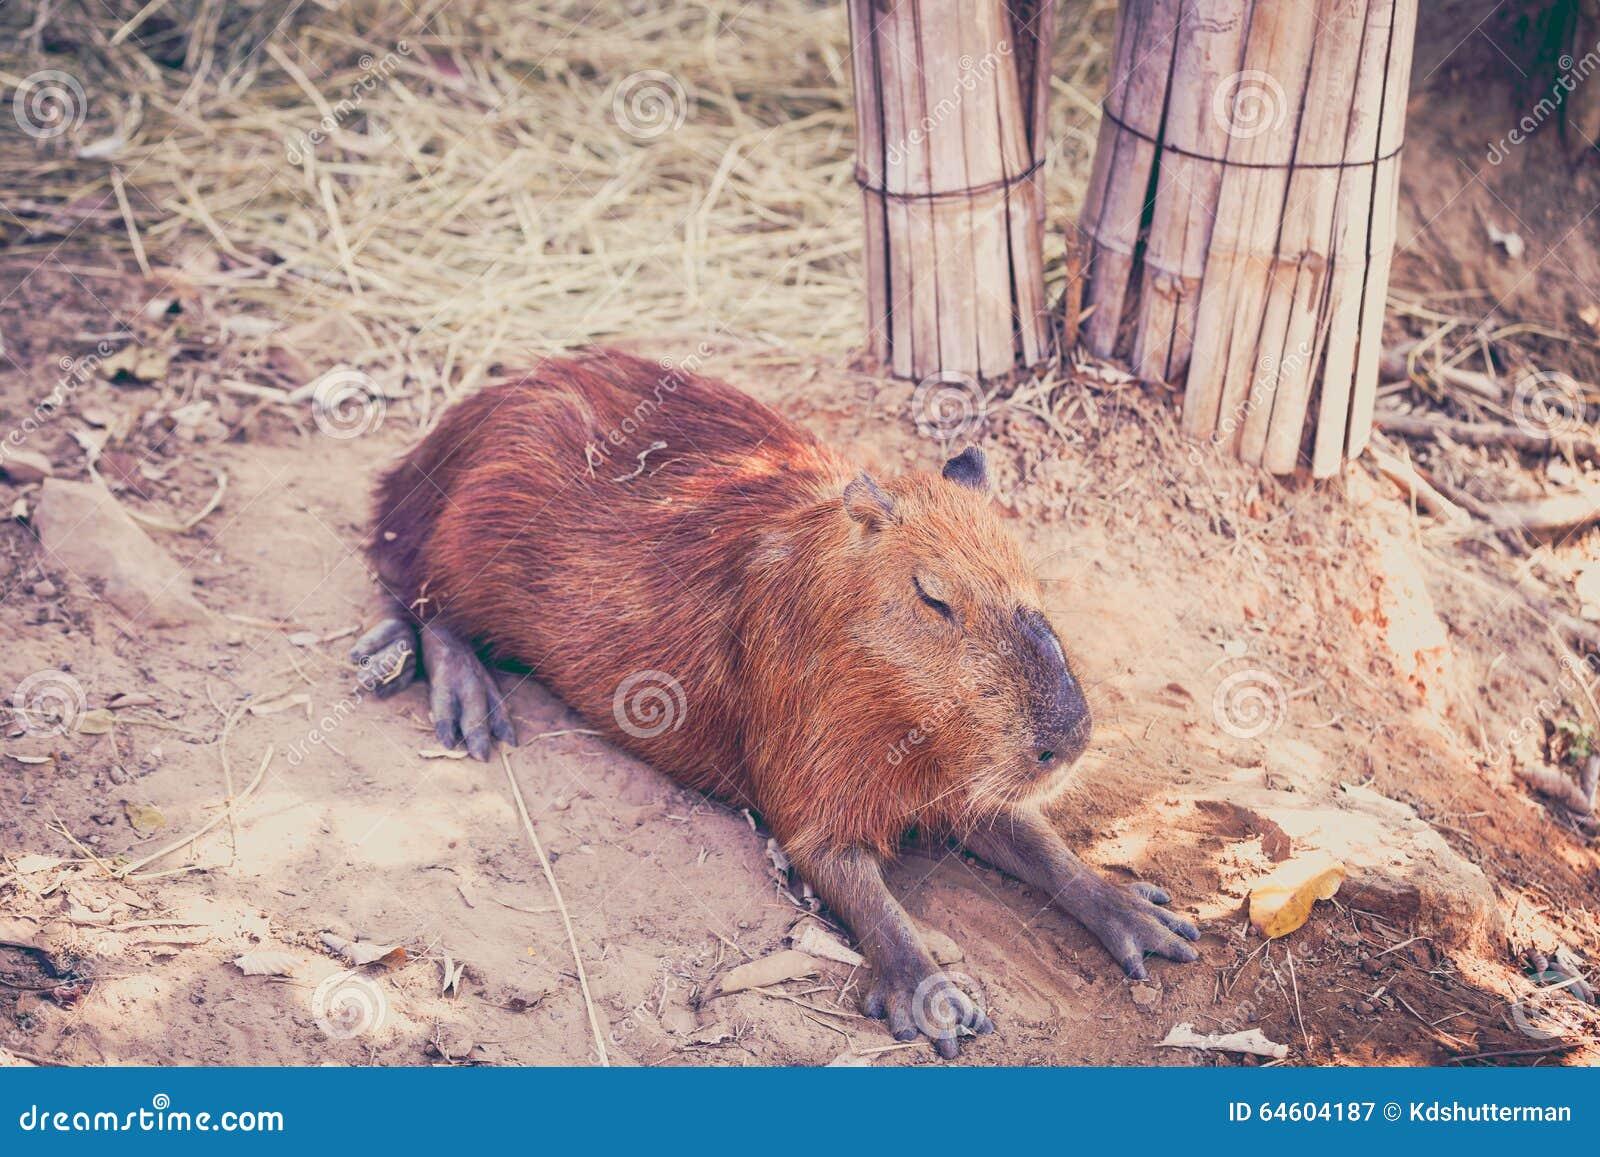 Slapen Op Grond : Een capybara slaap op naakte grond stock afbeelding afbeelding